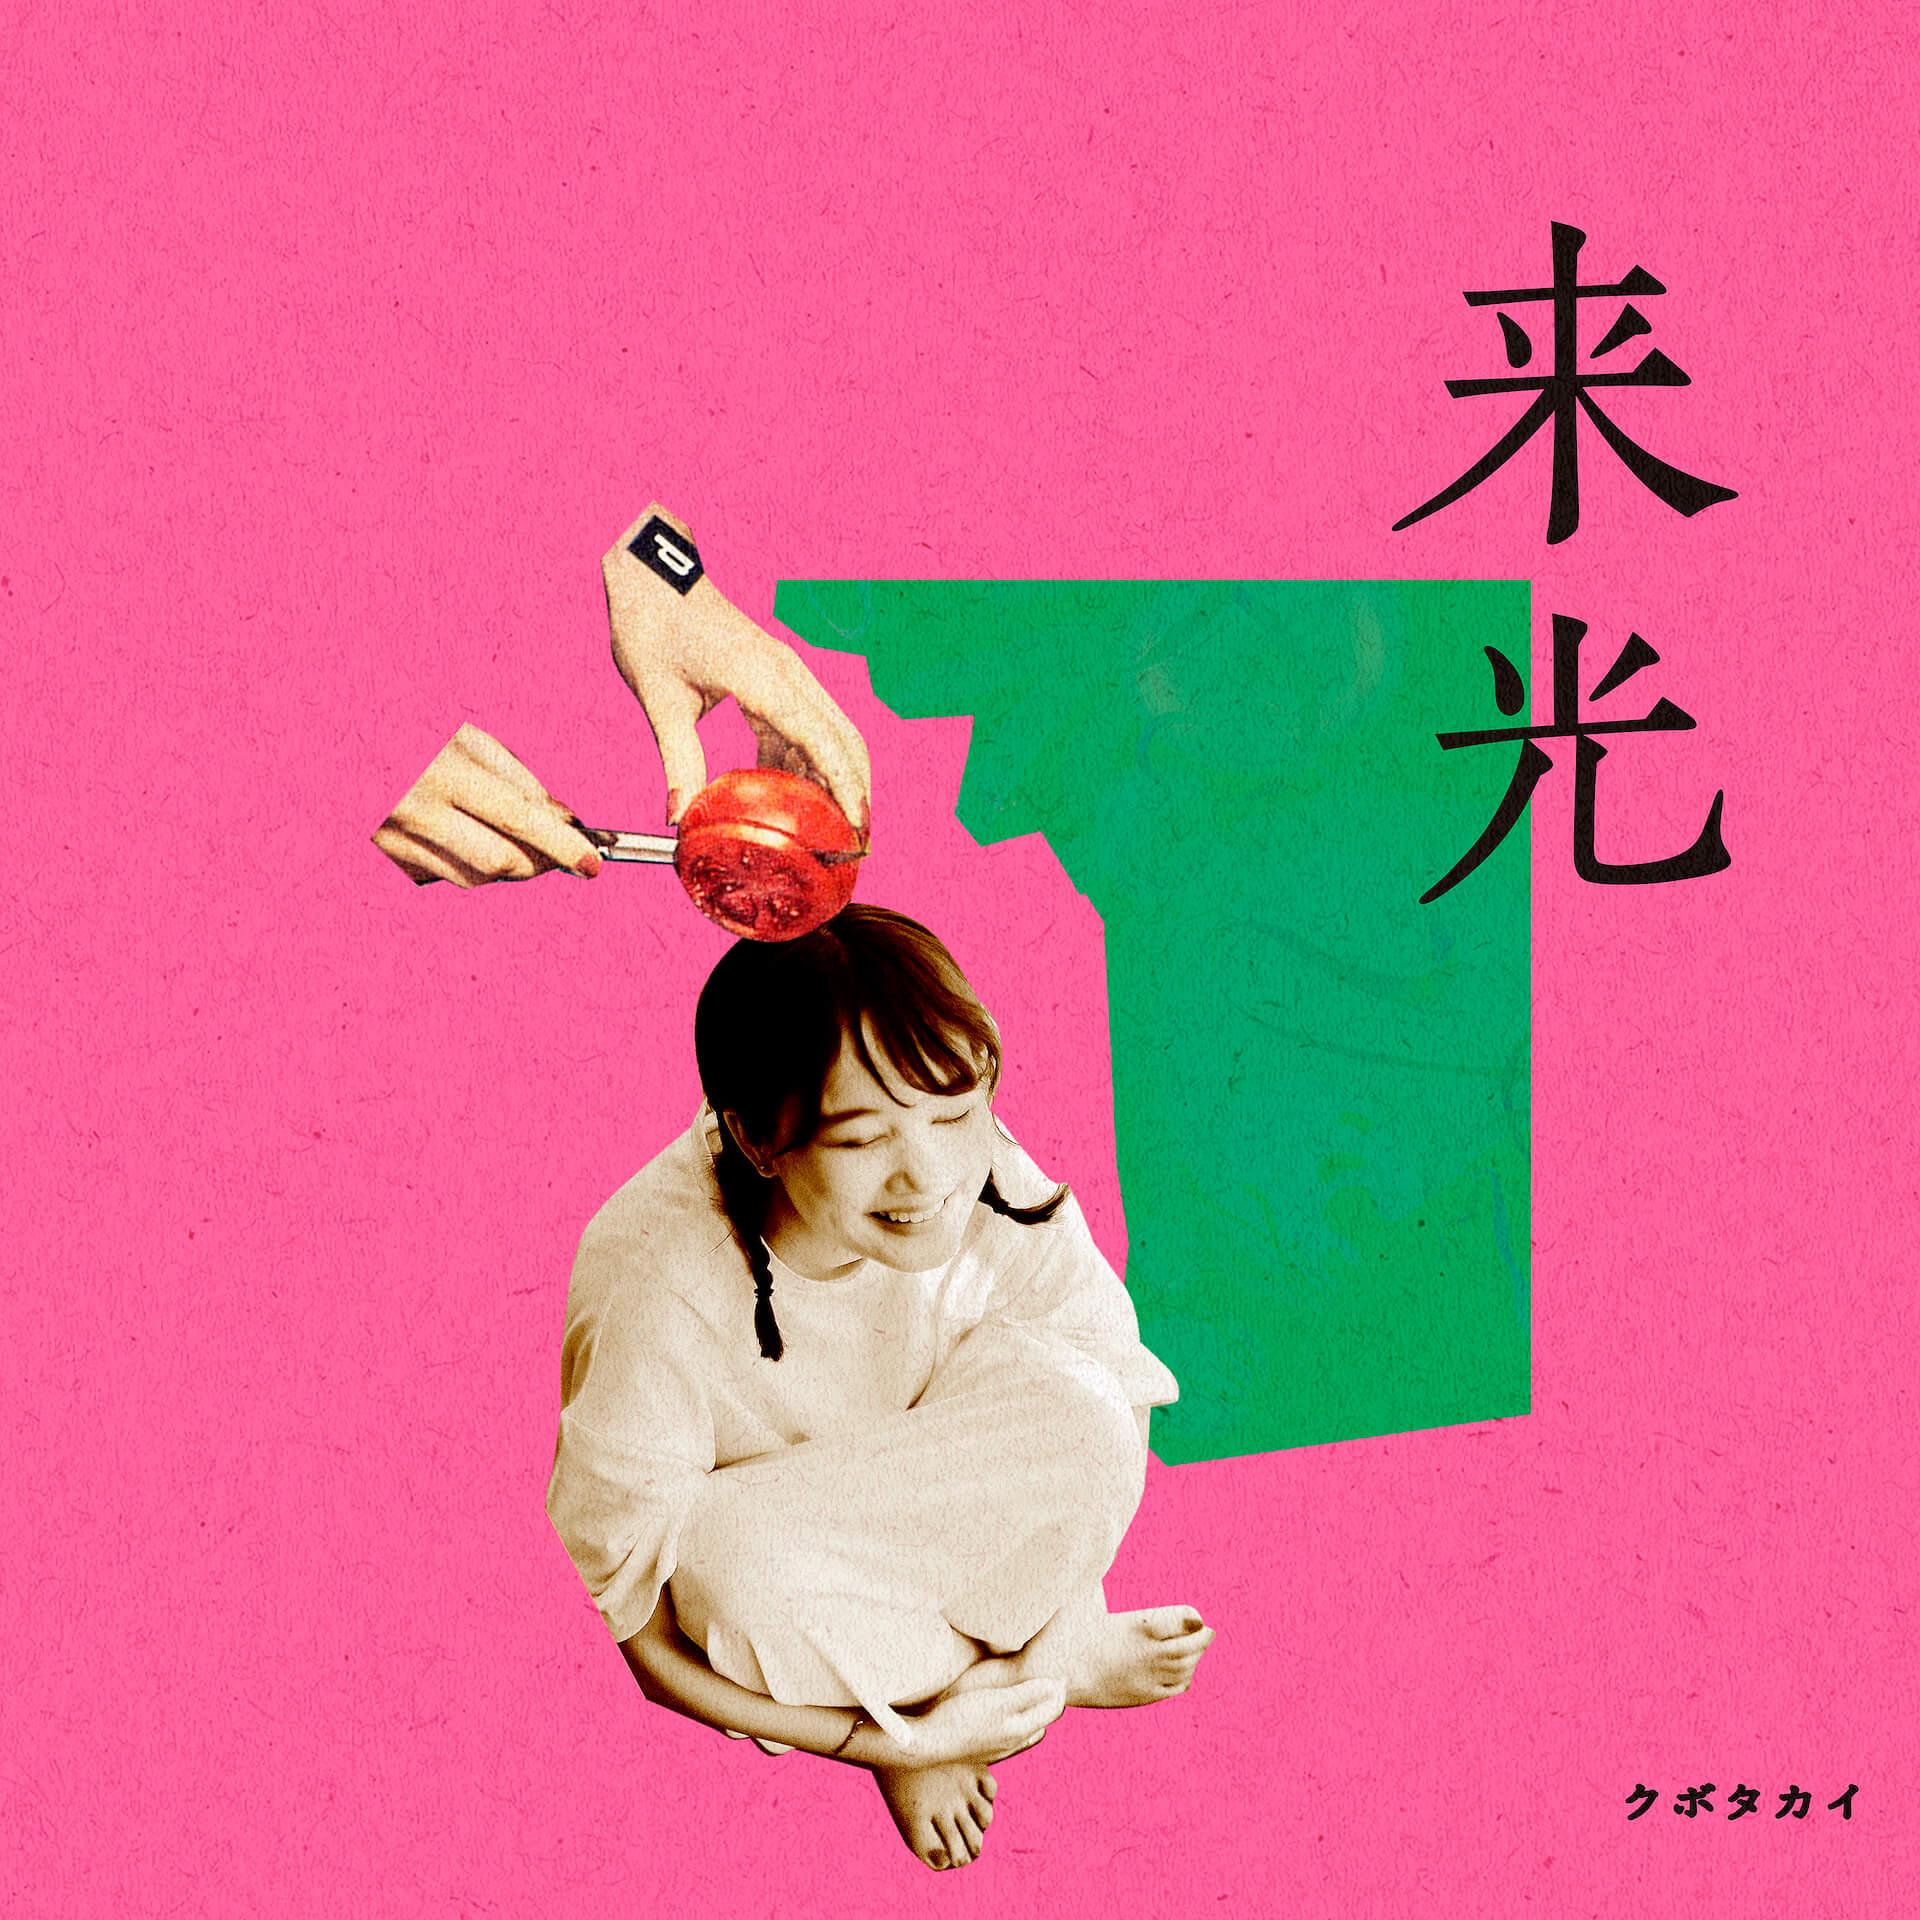 クボタカイの合縁奇縁(あいえんきえん)|Mamiko(chelmico)編 column210306_kubotakai-02